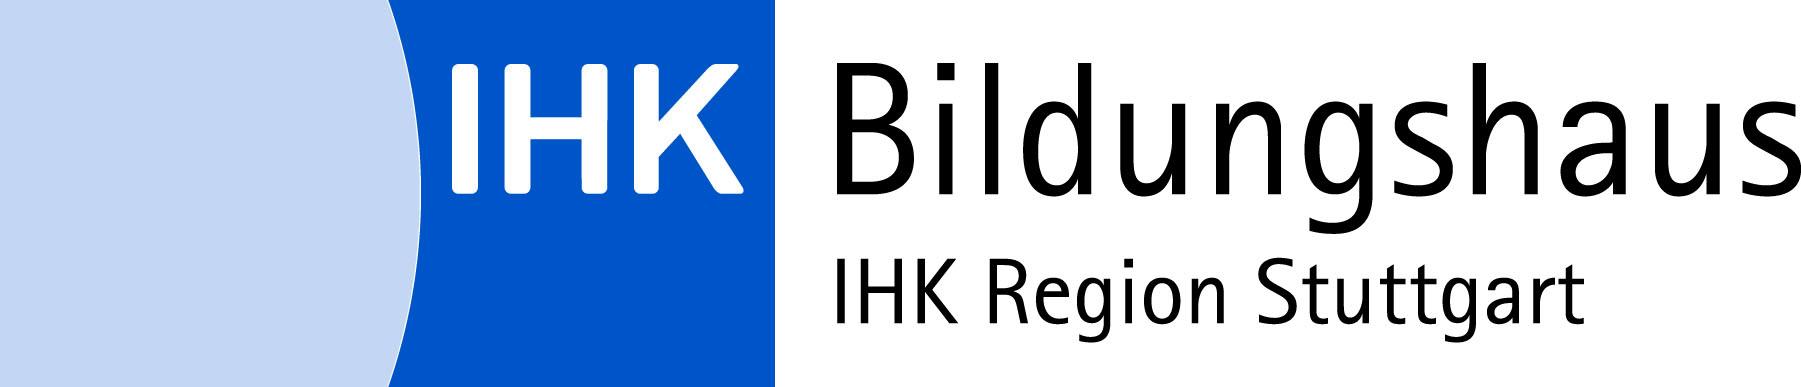 ihk-bildungshaus-logo